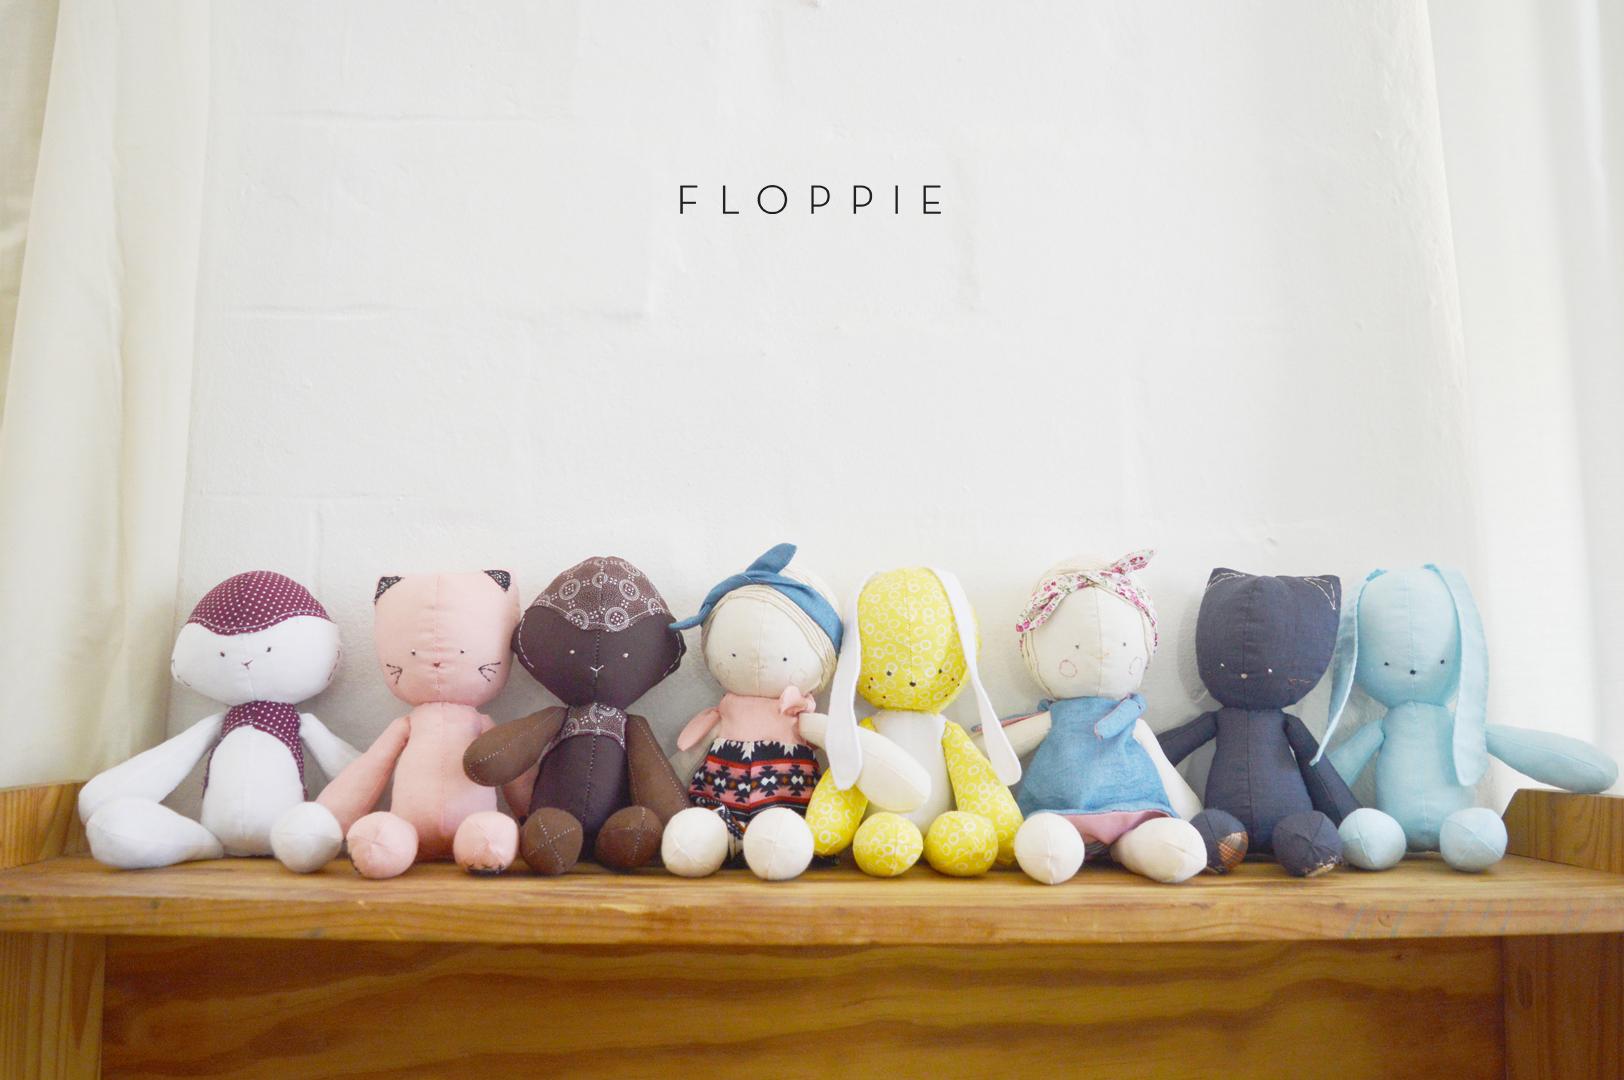 Floppie|HarassedMom